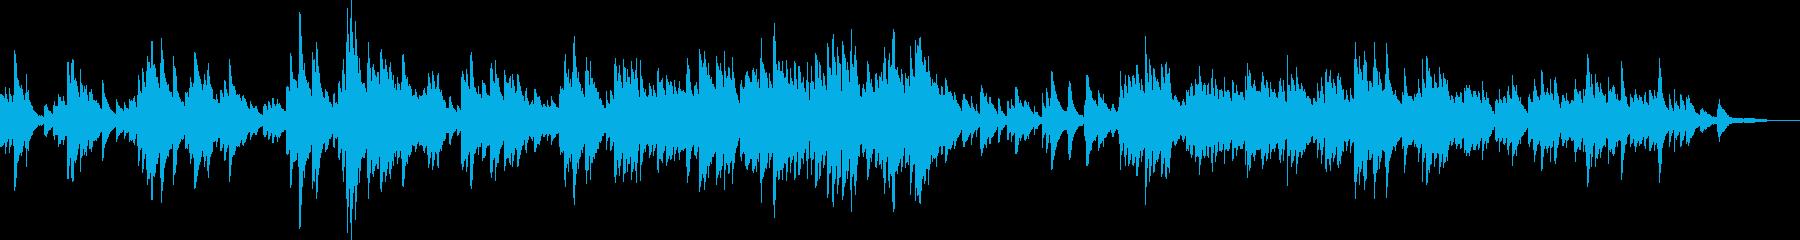 感動的なピアノバラード(優しい・希望)の再生済みの波形